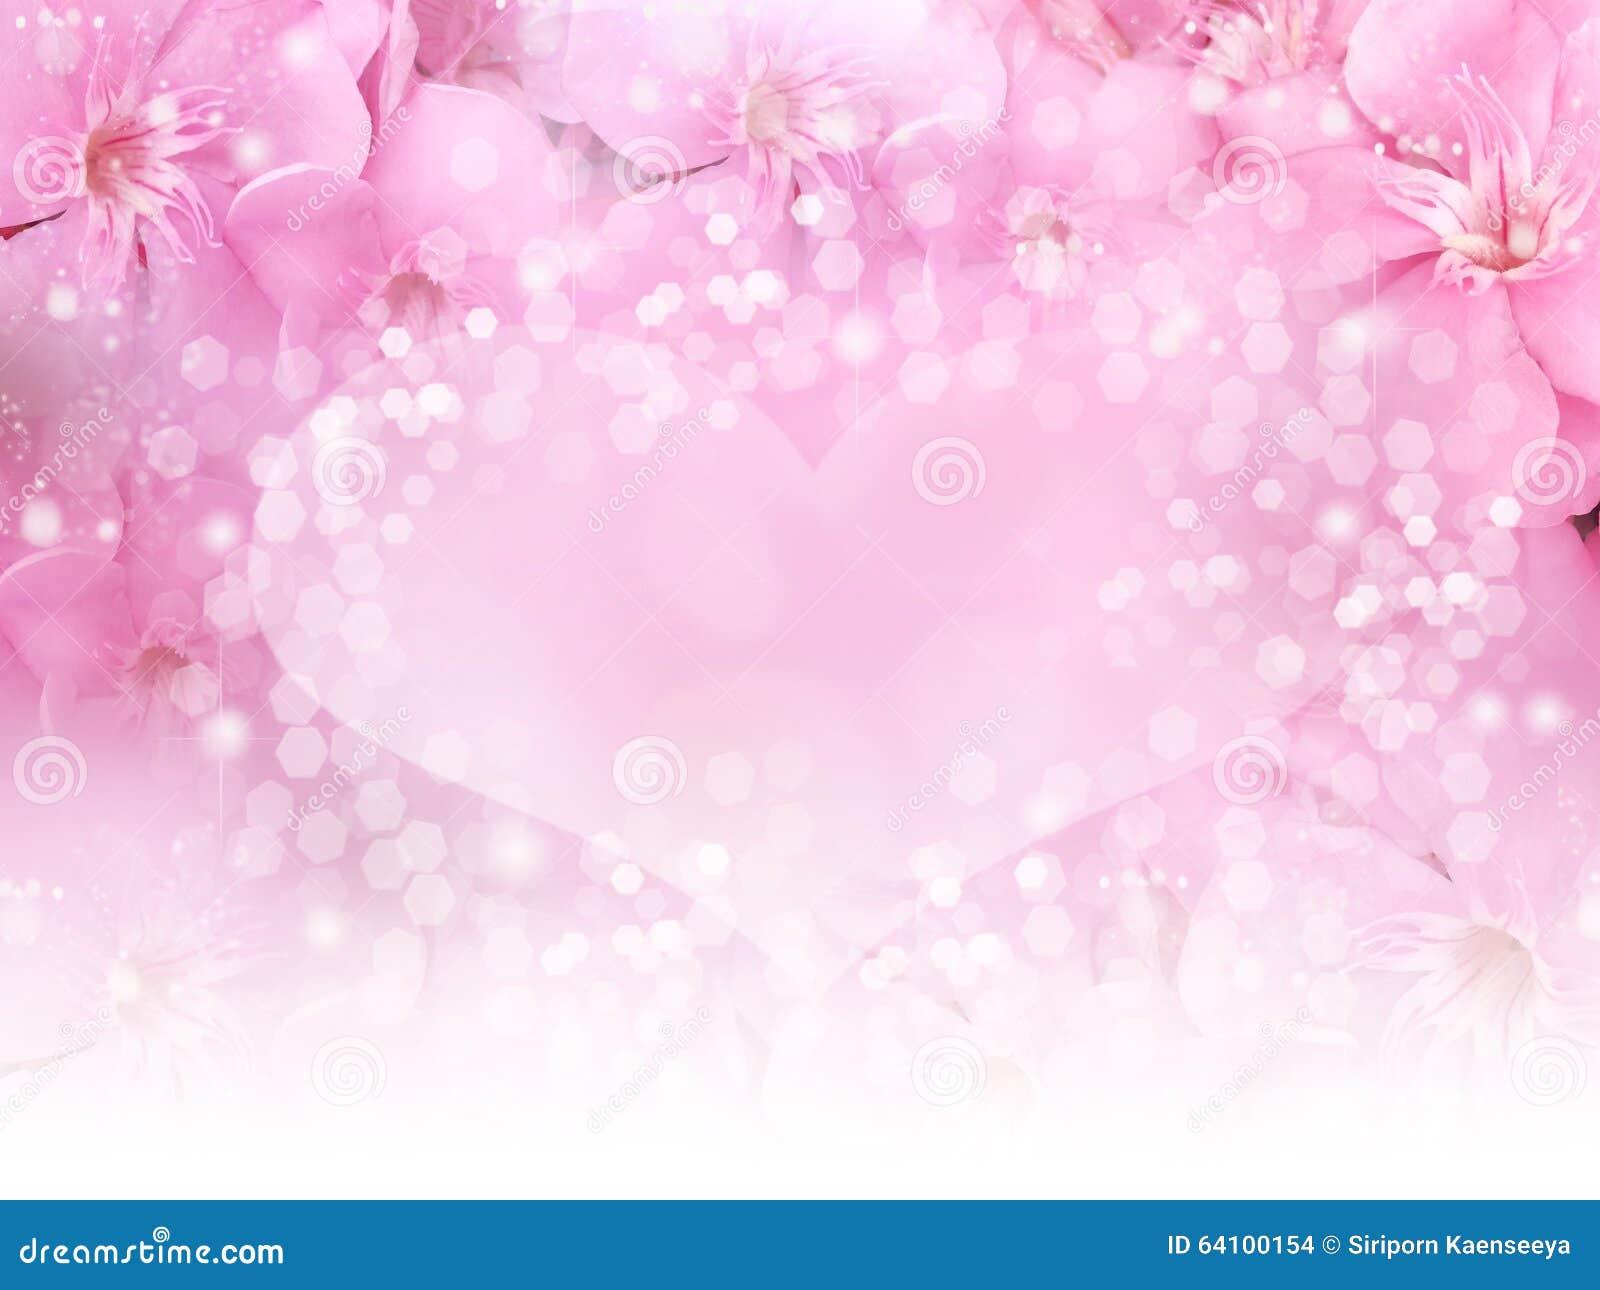 Rosa Blumengrenze Und Herz Bokeh Hintergrund Fur Hochzeitskarten